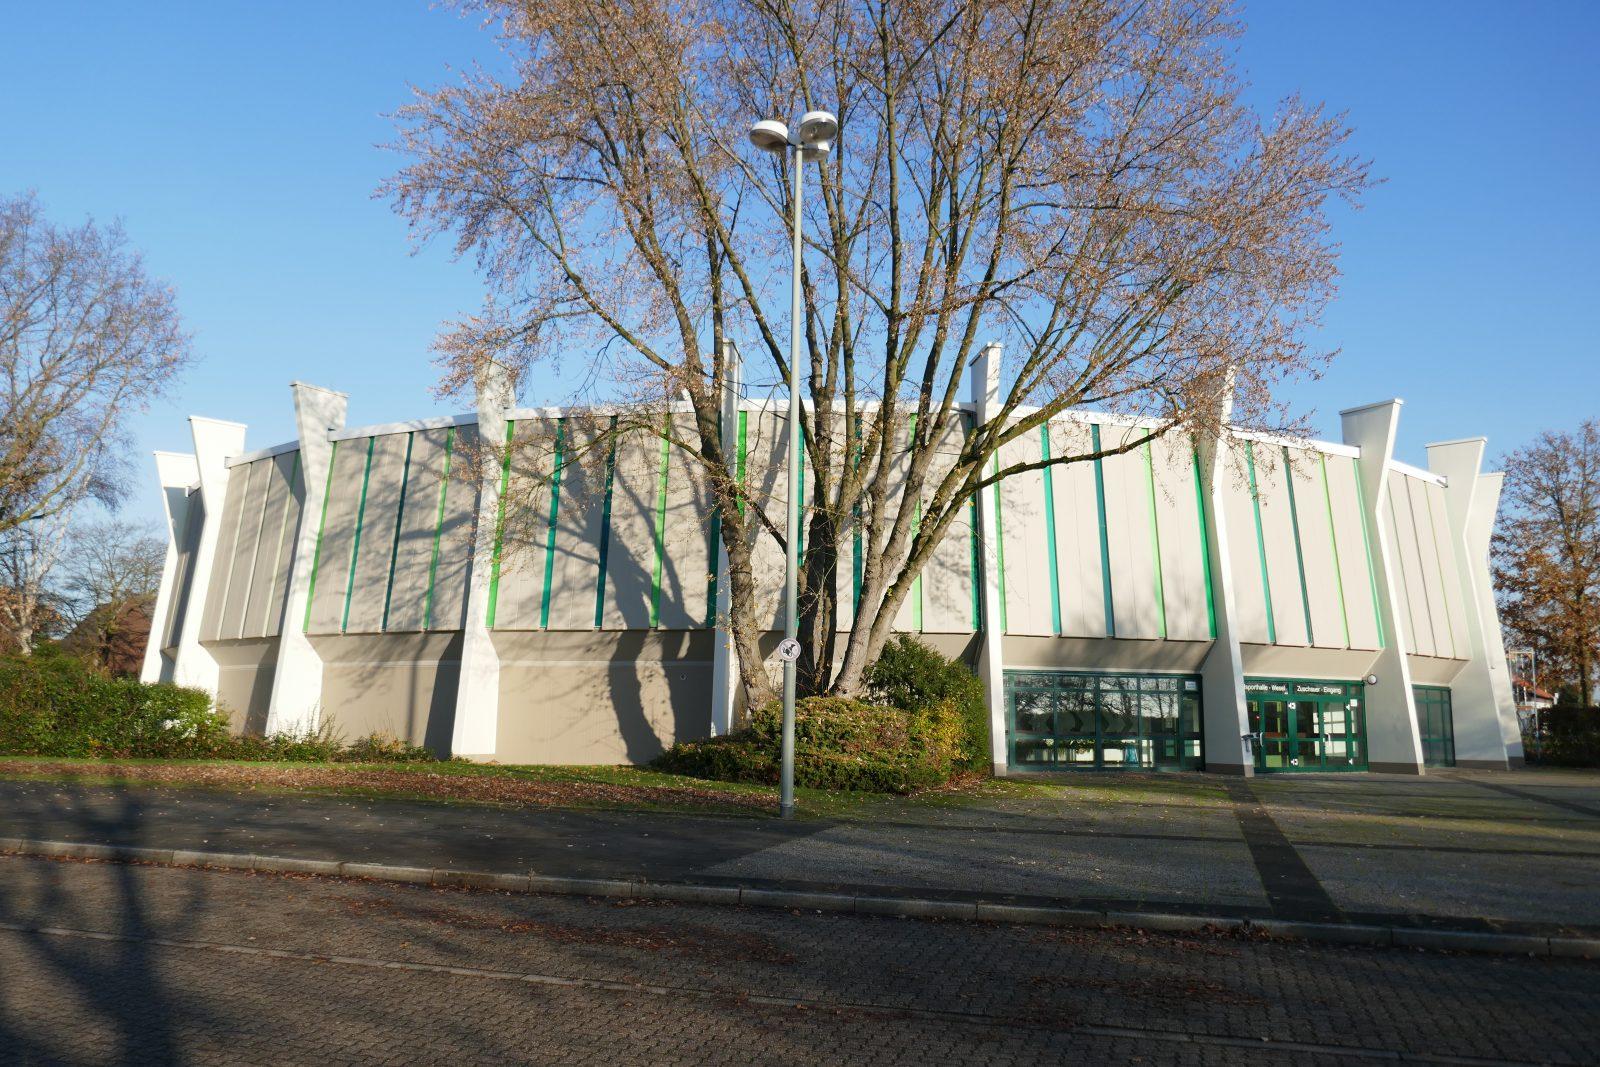 Rundsporthalle Wesel von 1972, nach der Sanierung - Foto: Stefan Rethfeld